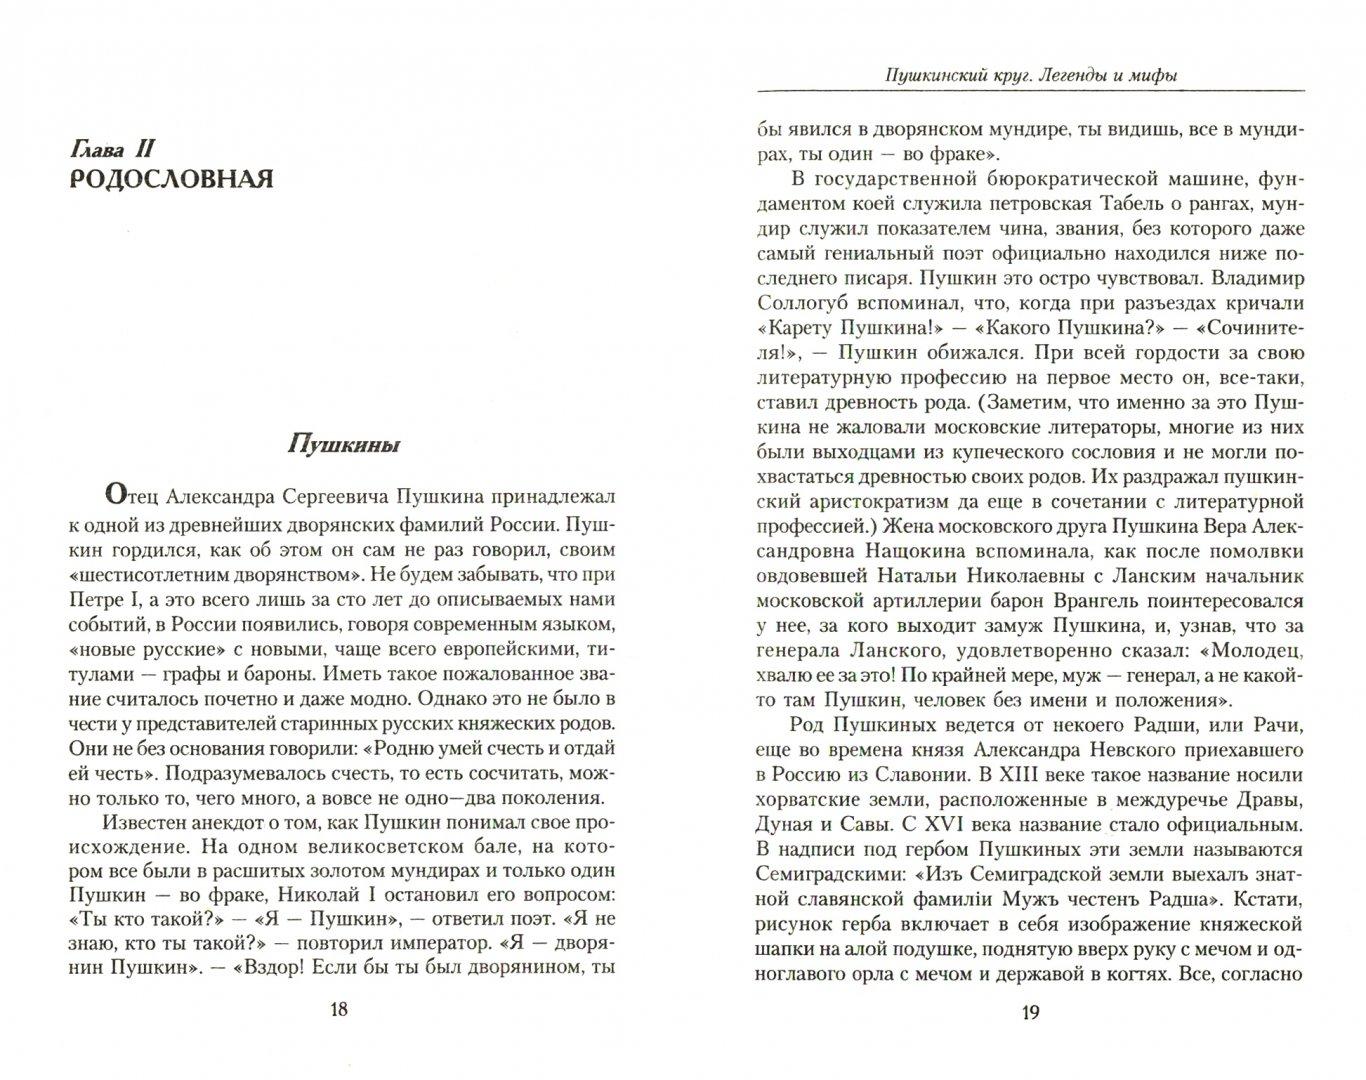 Иллюстрация 1 из 18 для Пушкинский круг. Легенды и мифы - Наум Синдаловский | Лабиринт - книги. Источник: Лабиринт